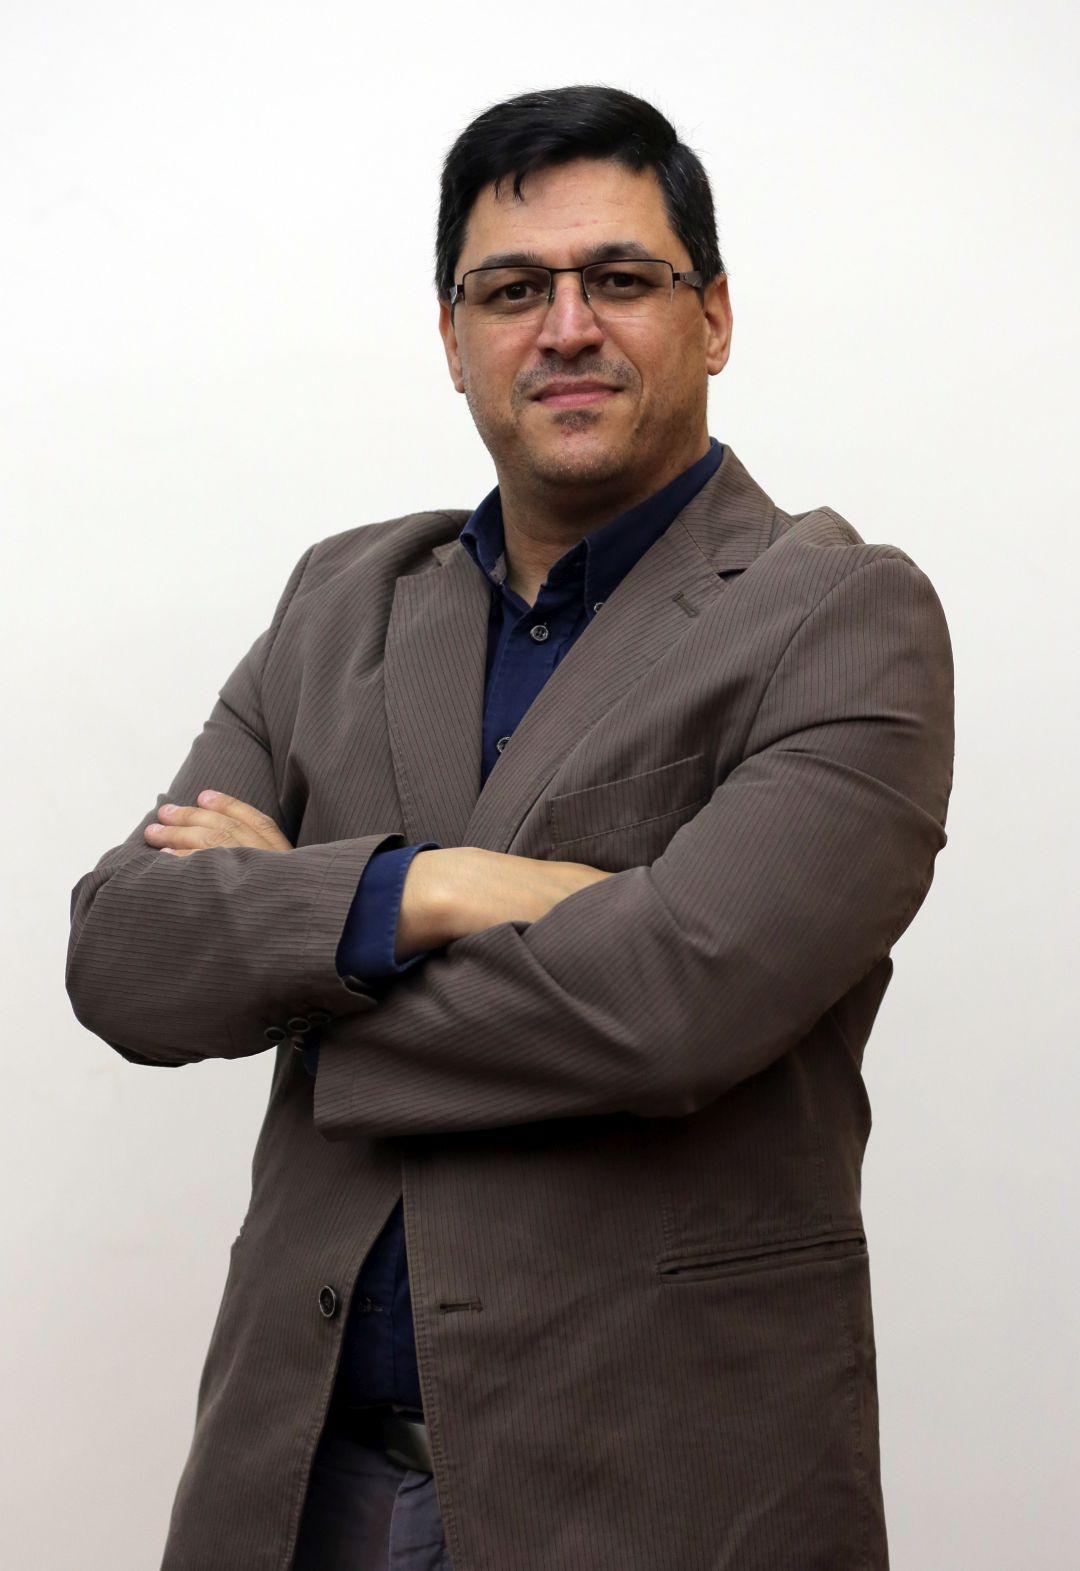 Miguel Damas